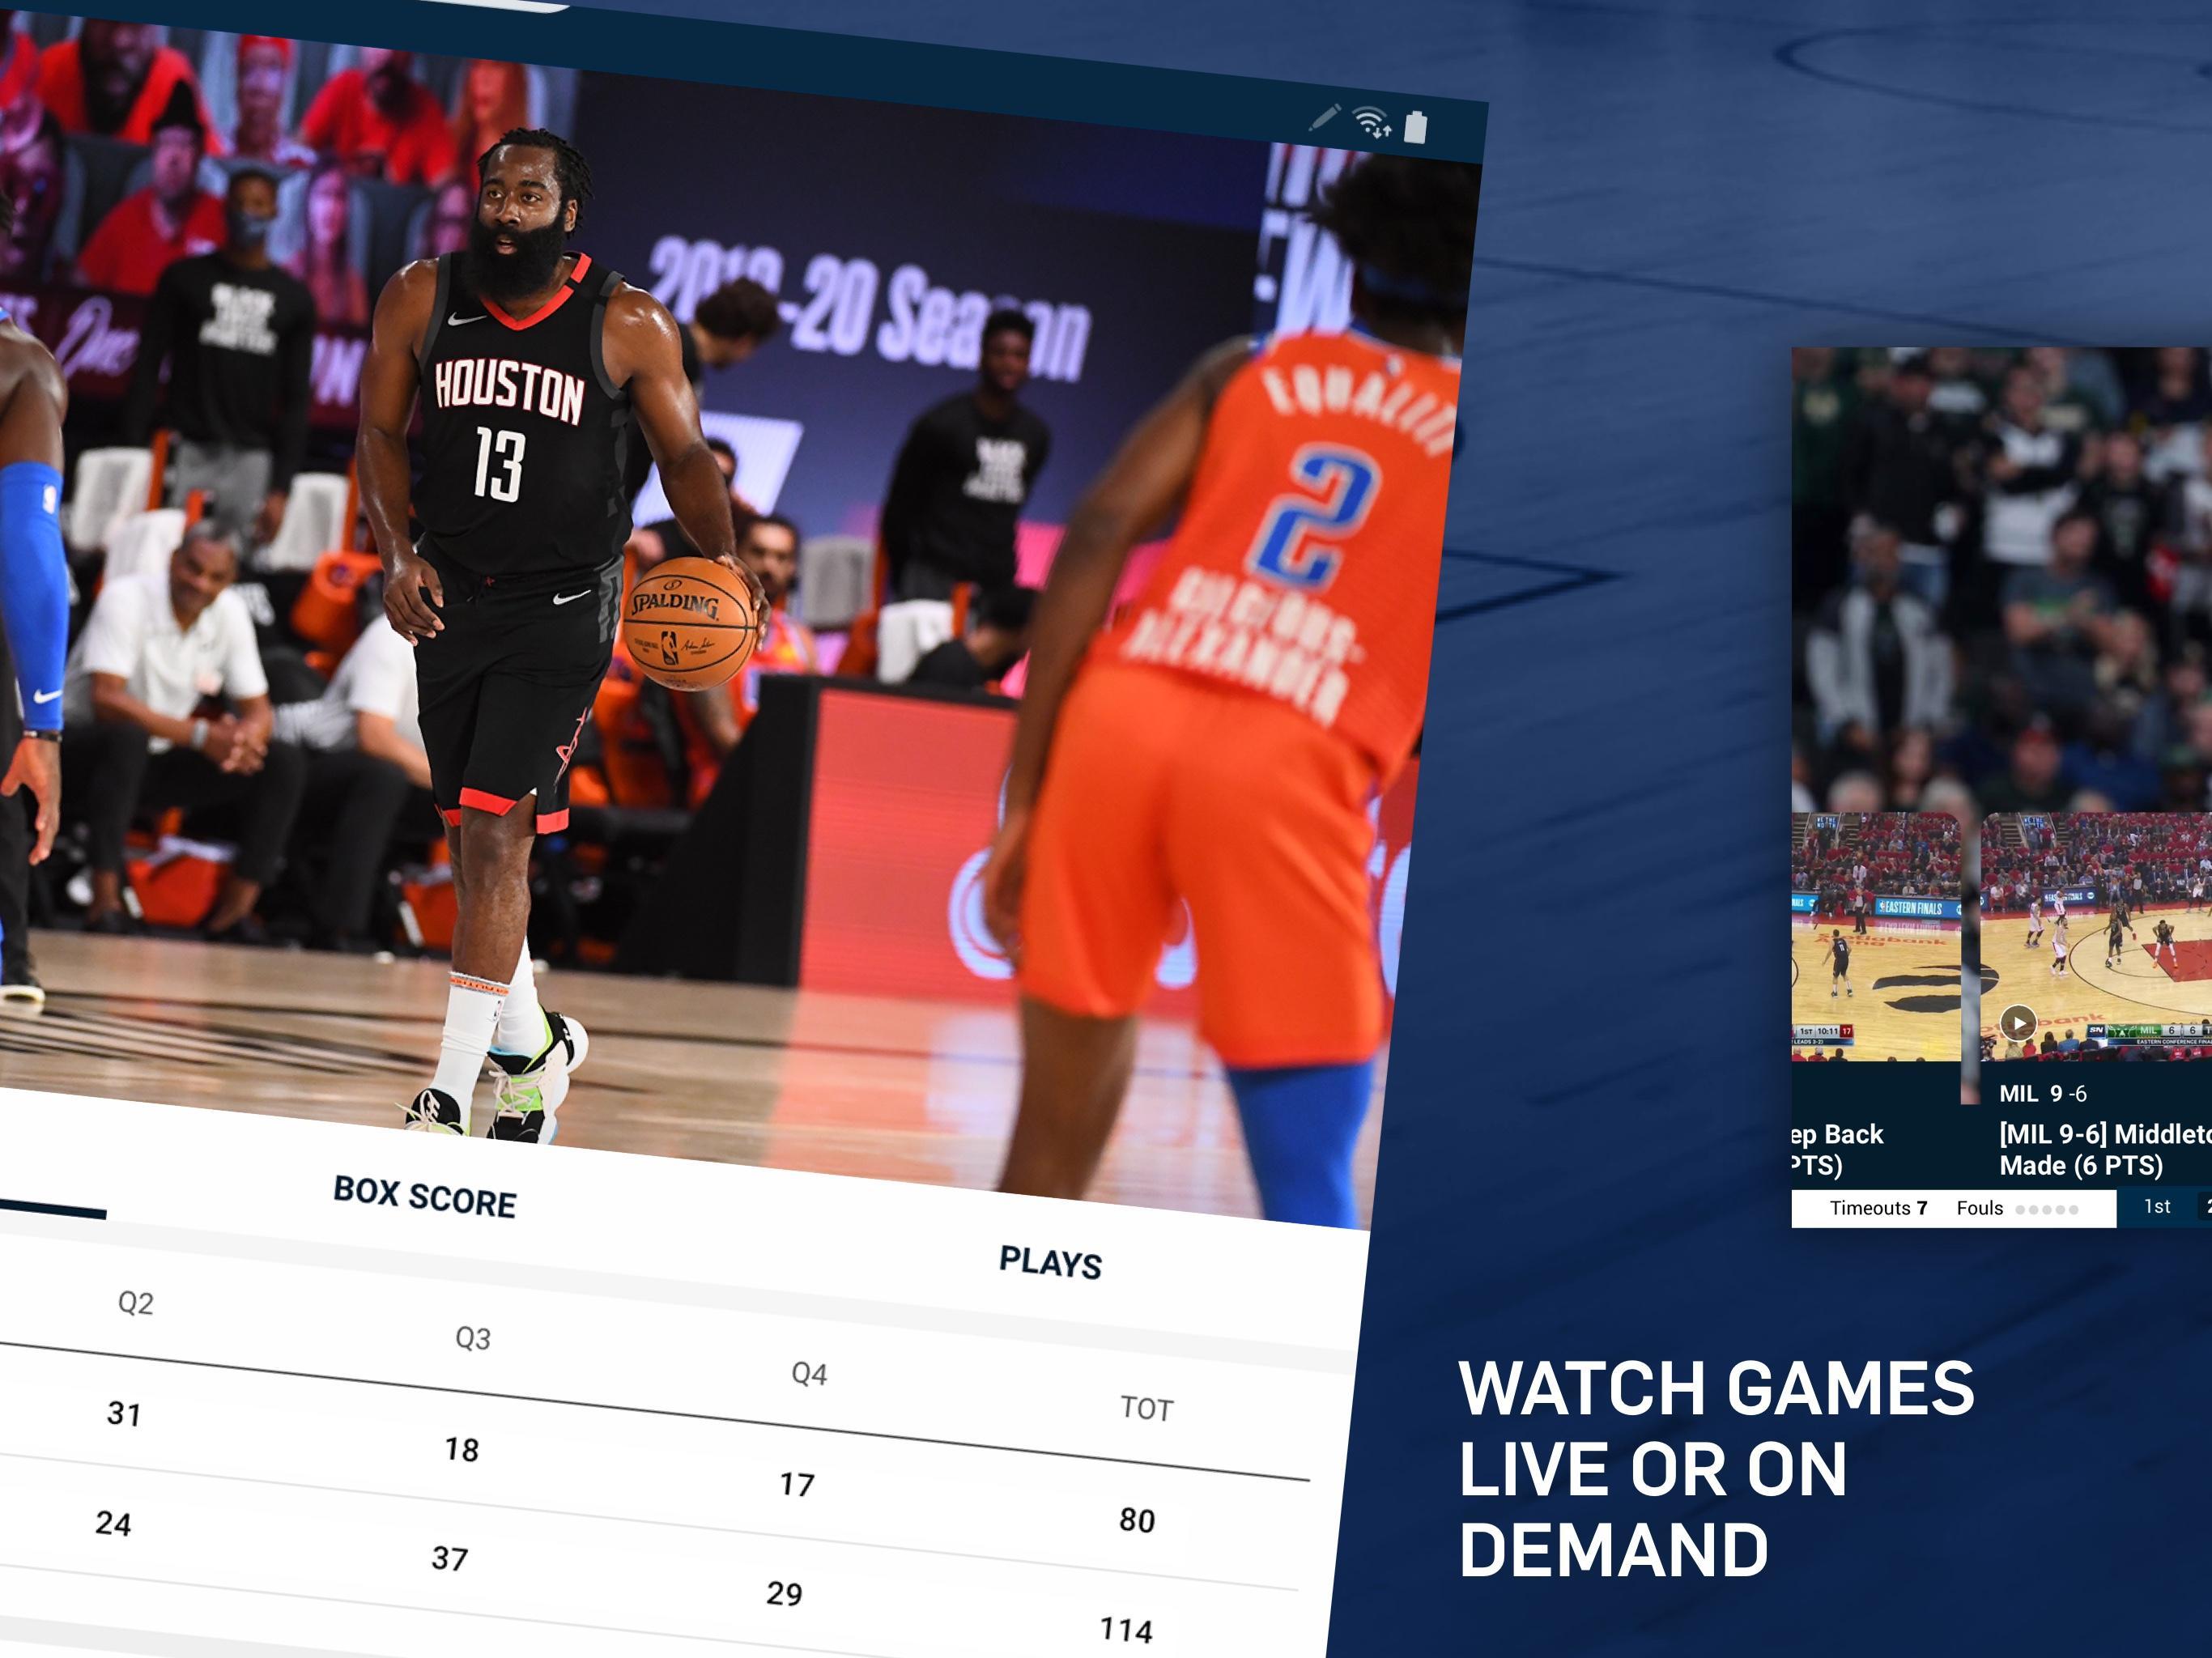 NBA Live Games & Scores 10.1103 Screenshot 13